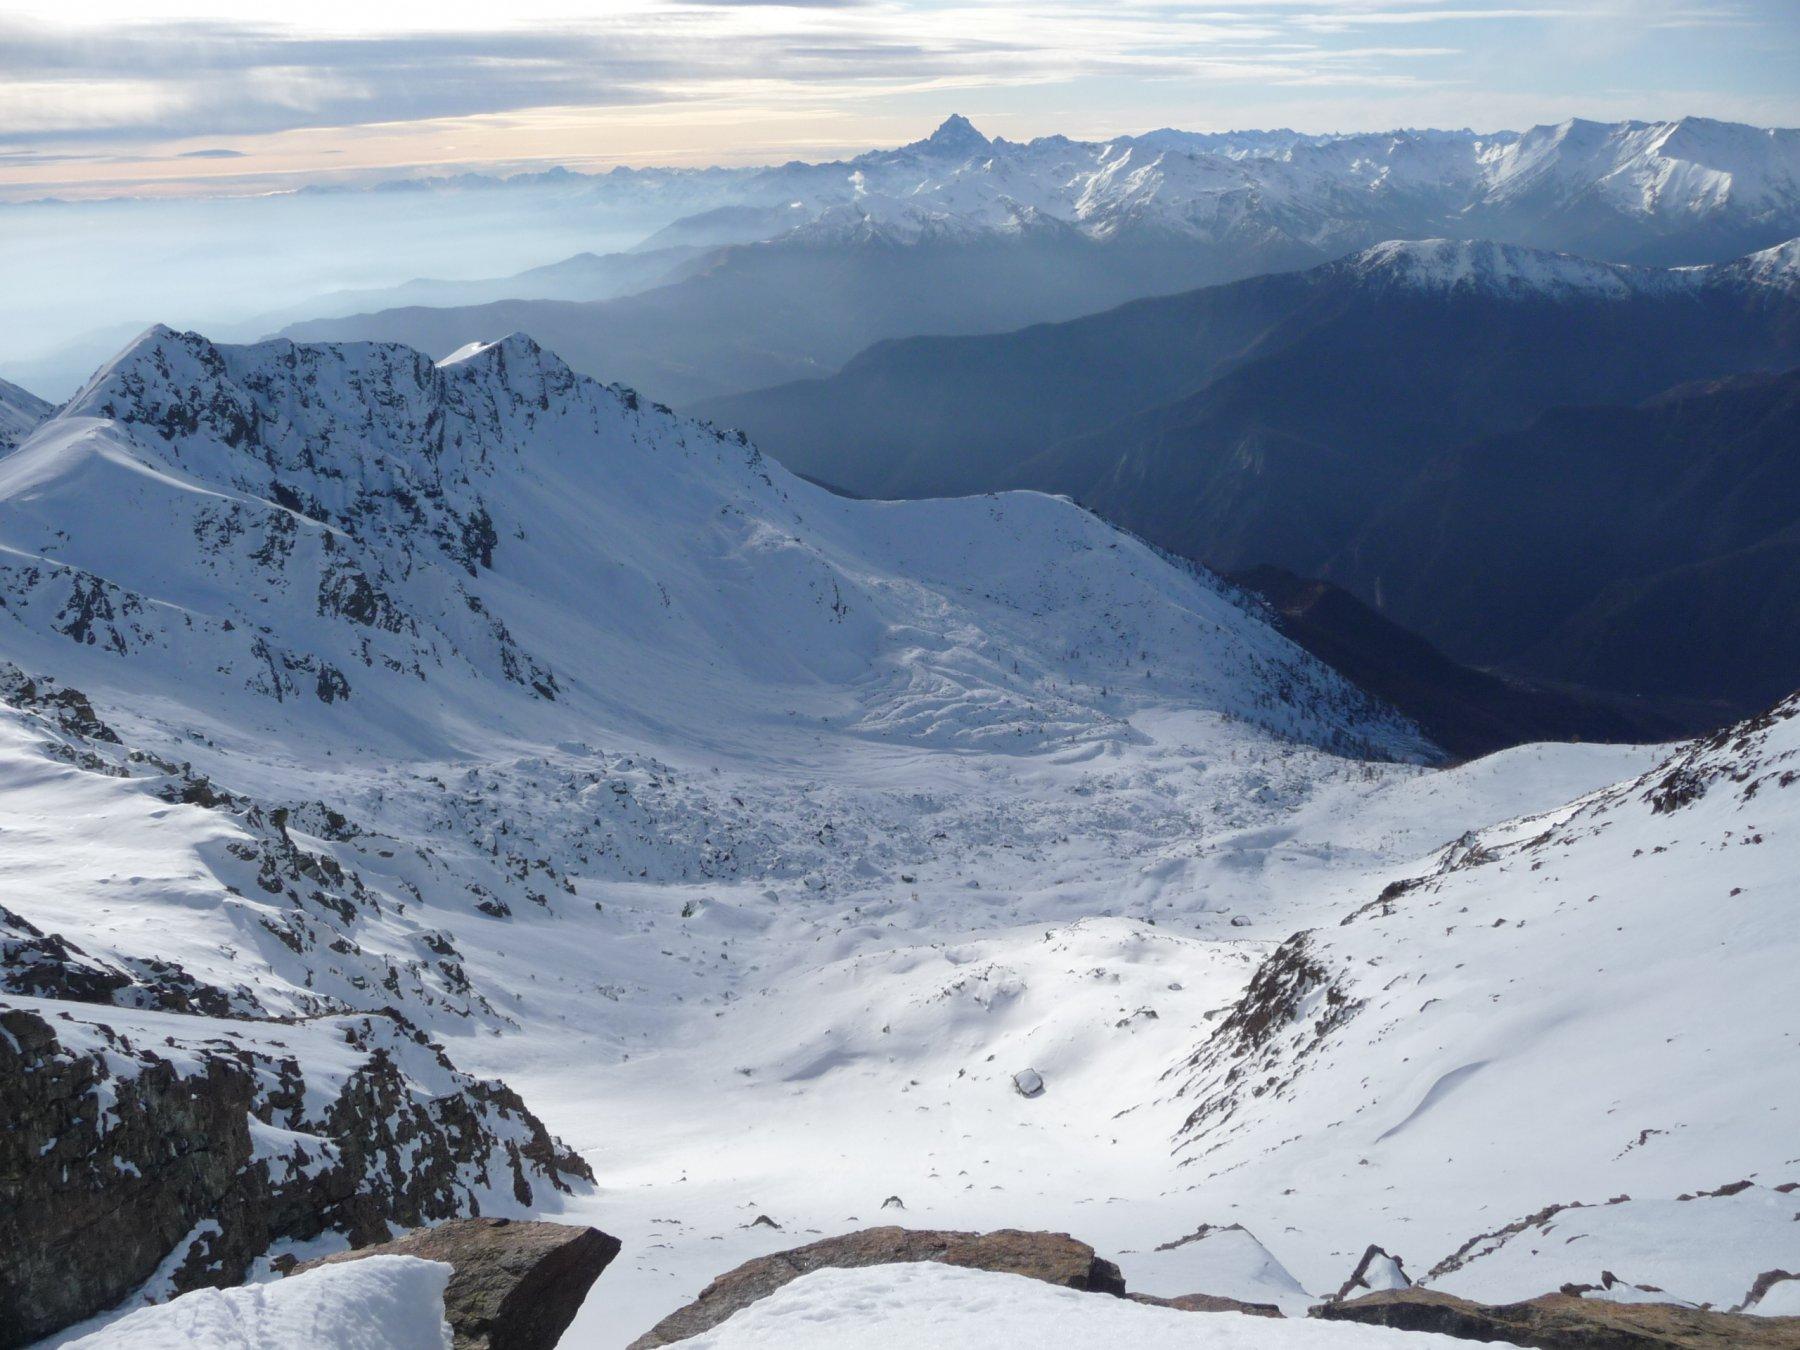 verso il Monviso dalla cima ovest del Rocciavré